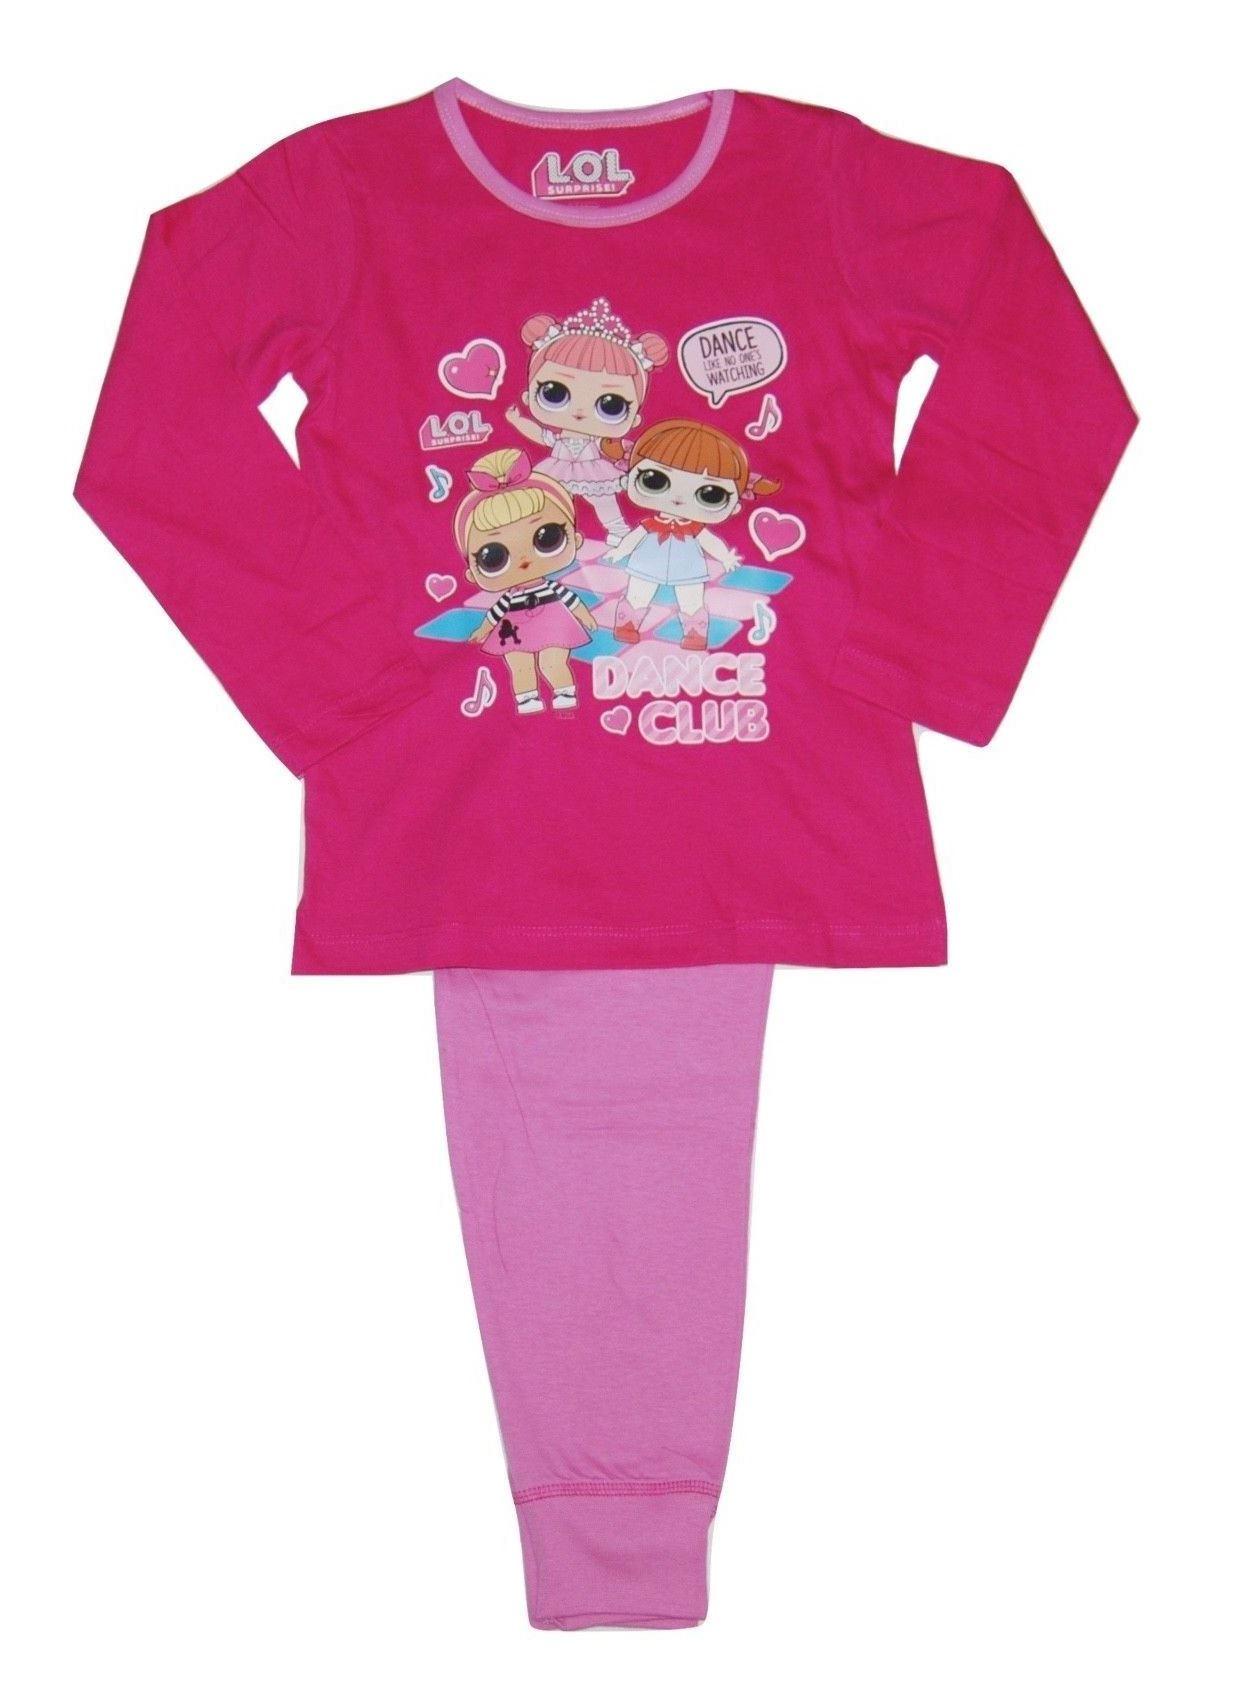 Girls Pyjamas LOL Surprise Nightwear Kids Set Gift